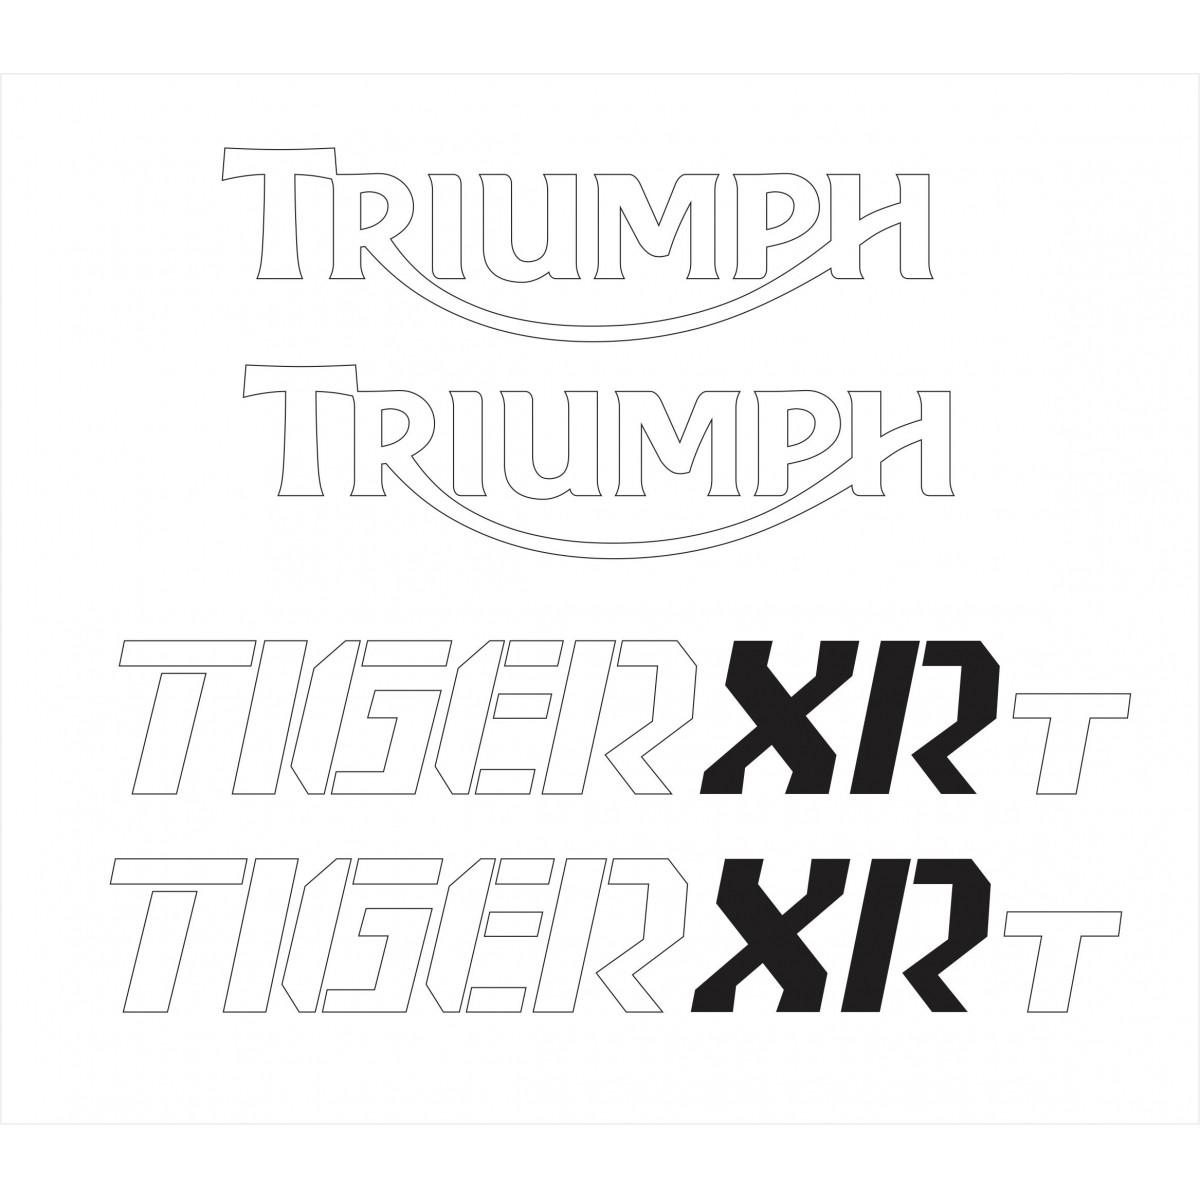 Kit Adesivo Triumph Tiger 800xrt 800 Xrt Vermelha Tg028